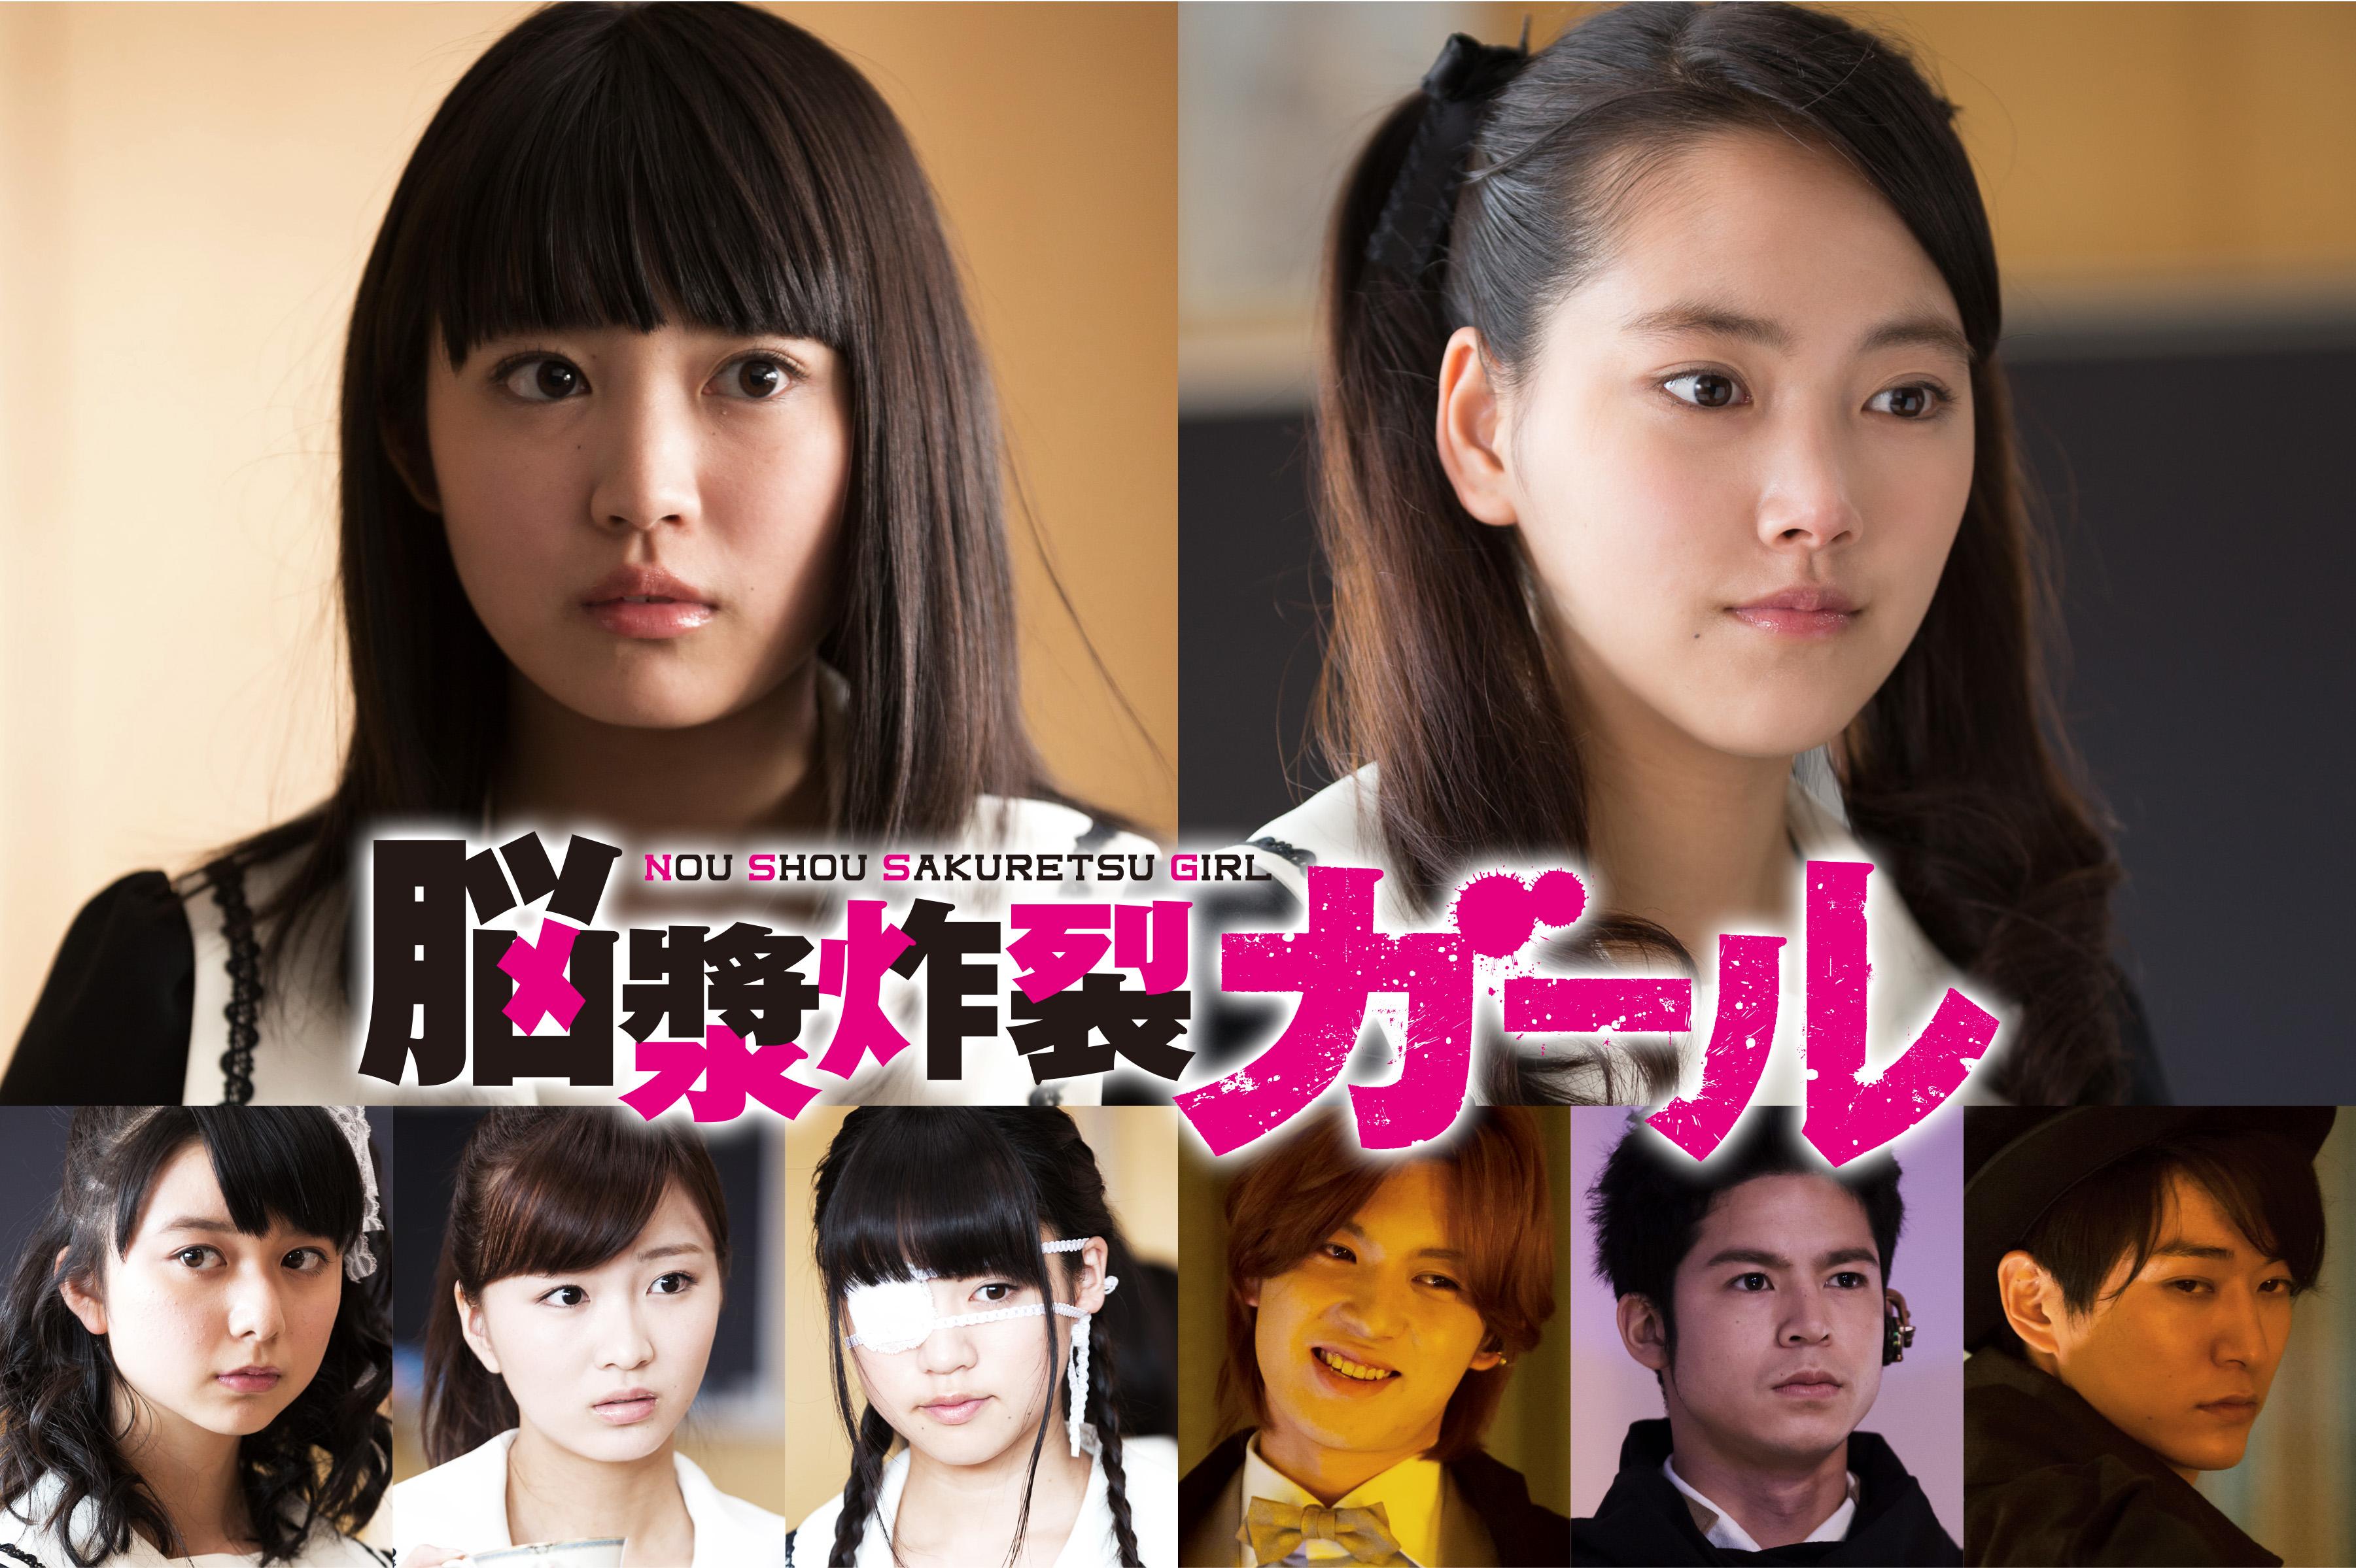 실사 영화 '뇌장작렬 걸'은 2015년 7월 25일에 일본 현..